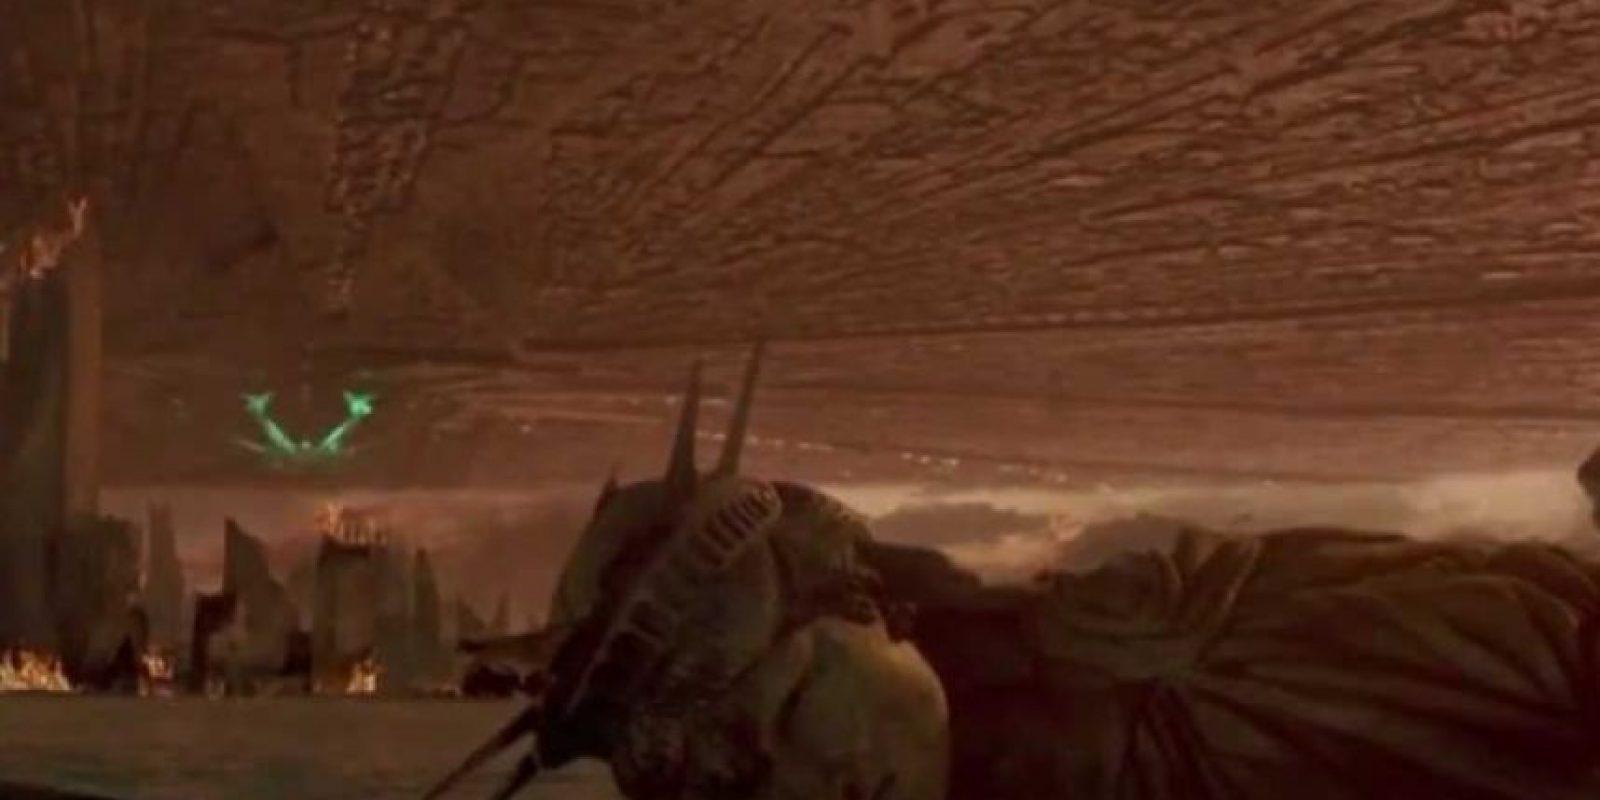 Las escenas de destrucción también fueron impactantes para la época. Foto:vía 20th Century Fox